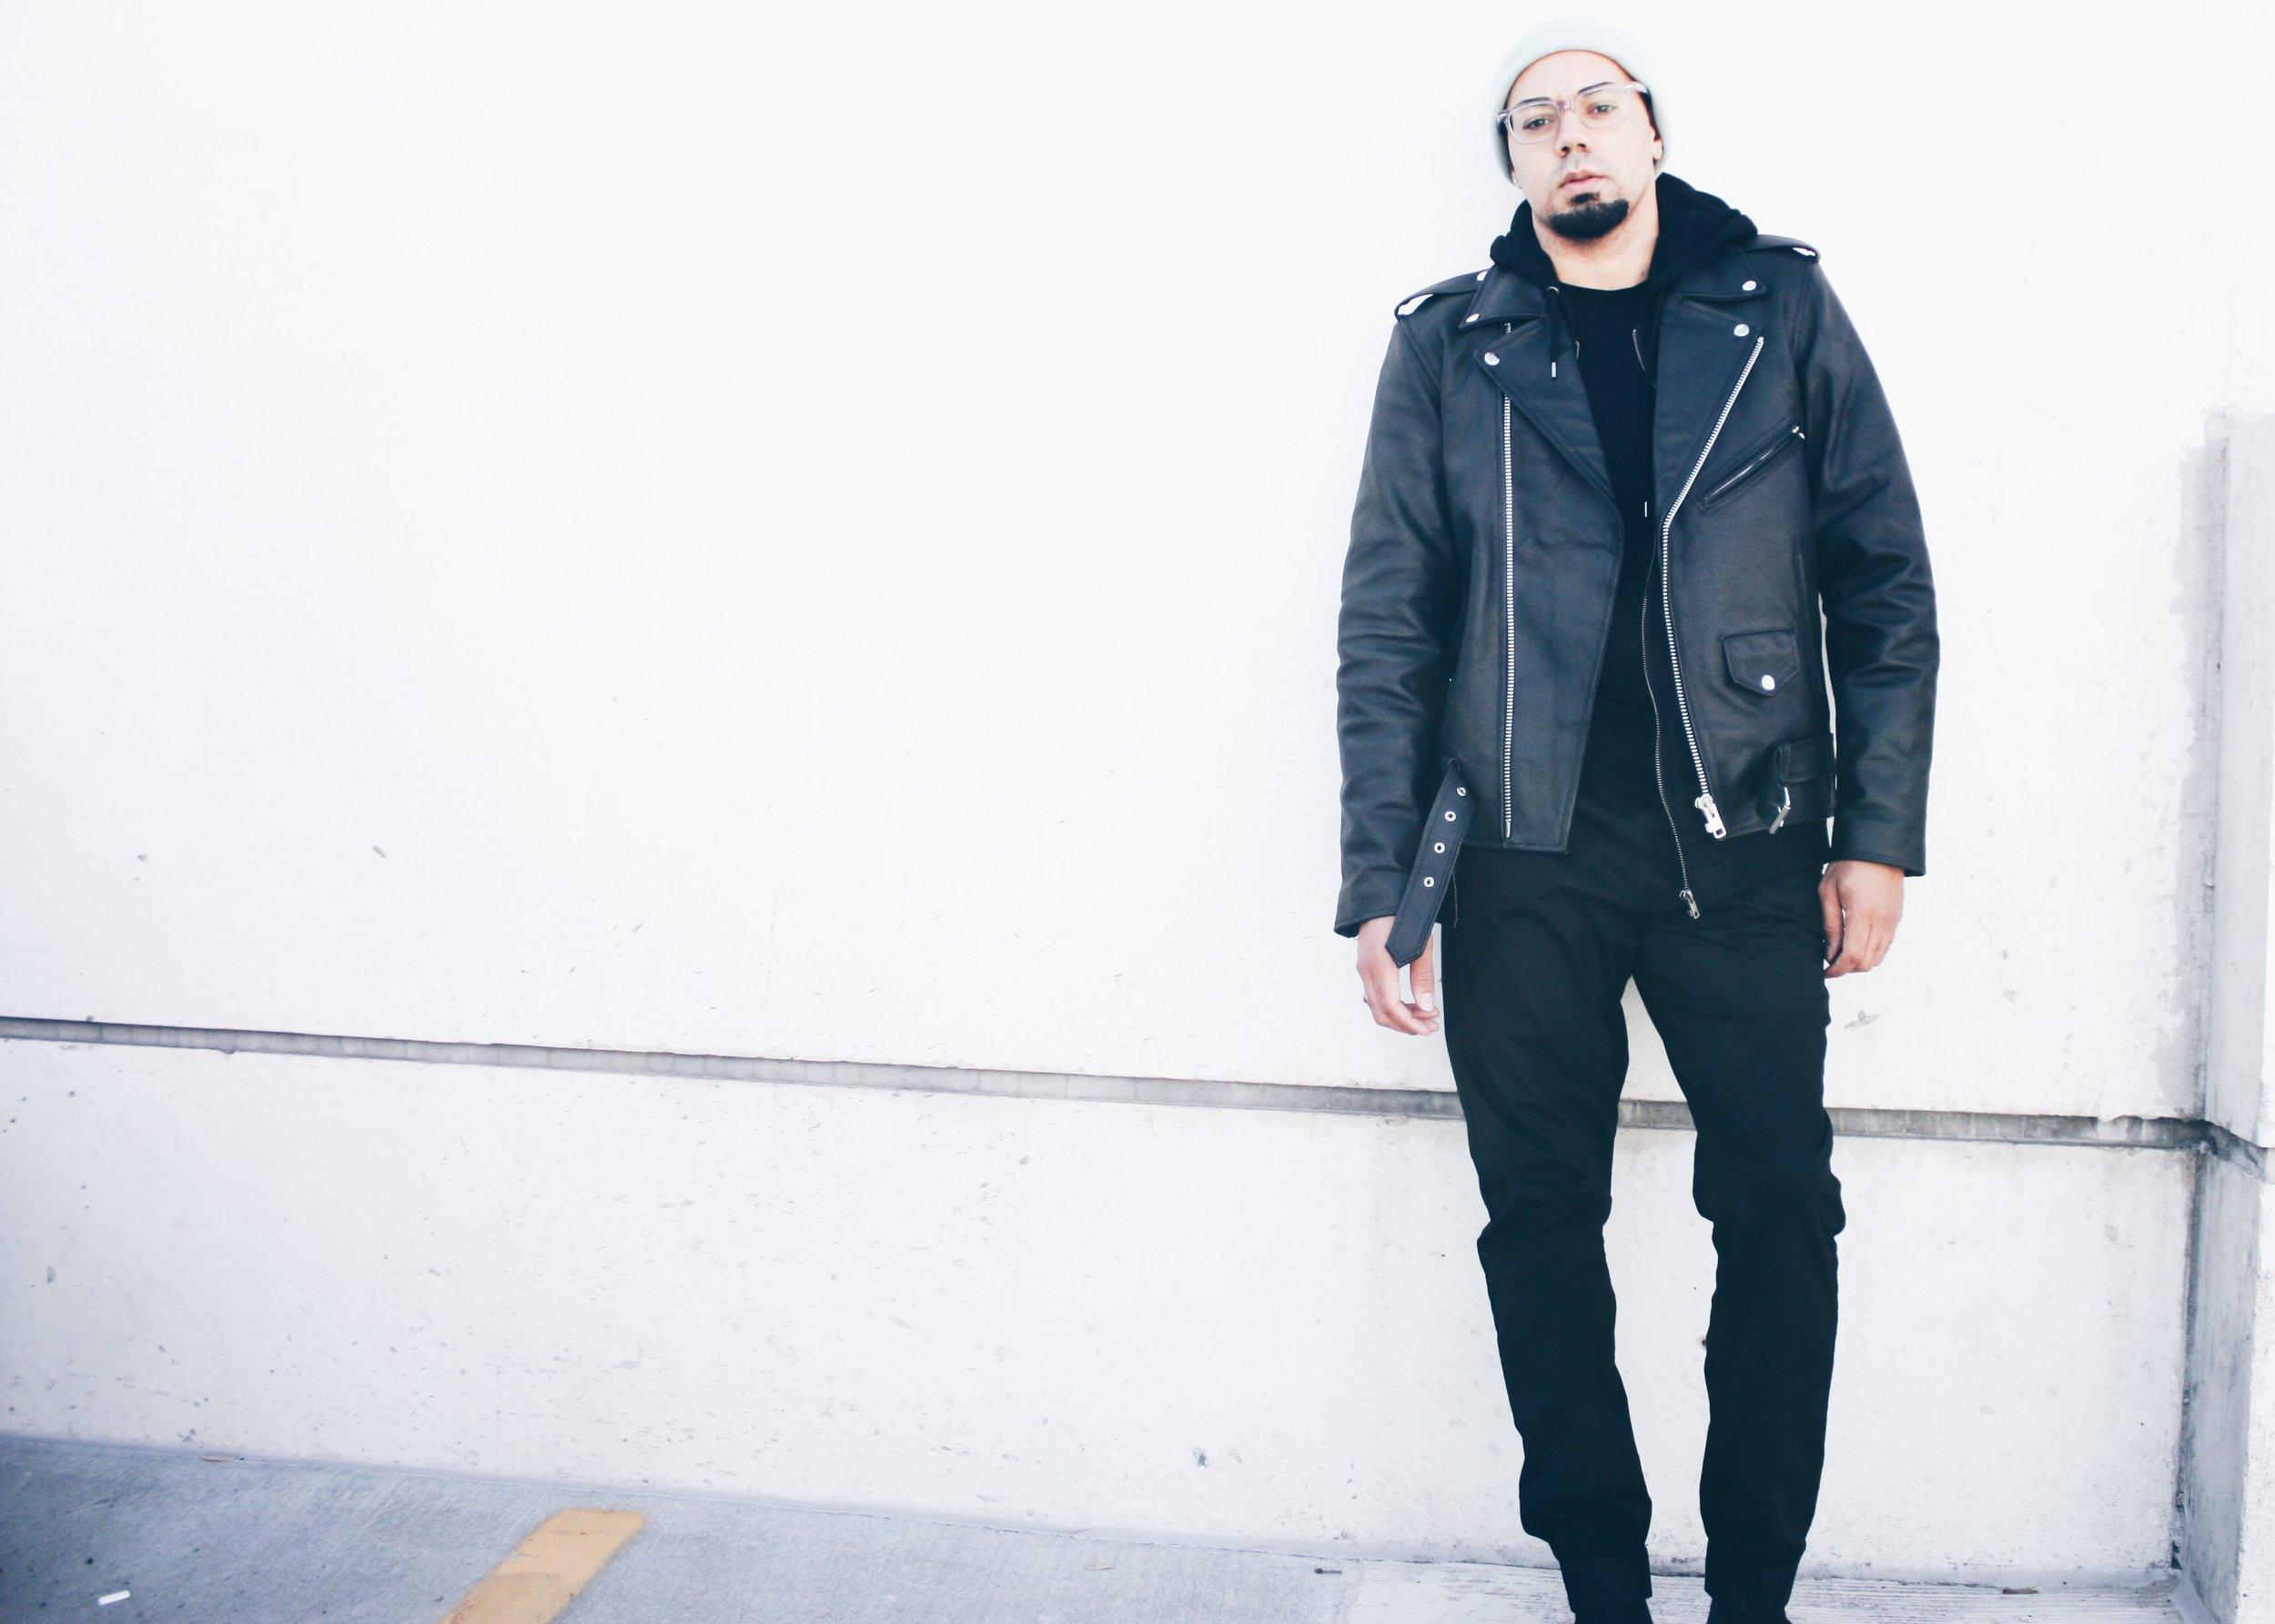 sam-c-perry-leahter-jacket-black-hoodie-full-wall.jpg